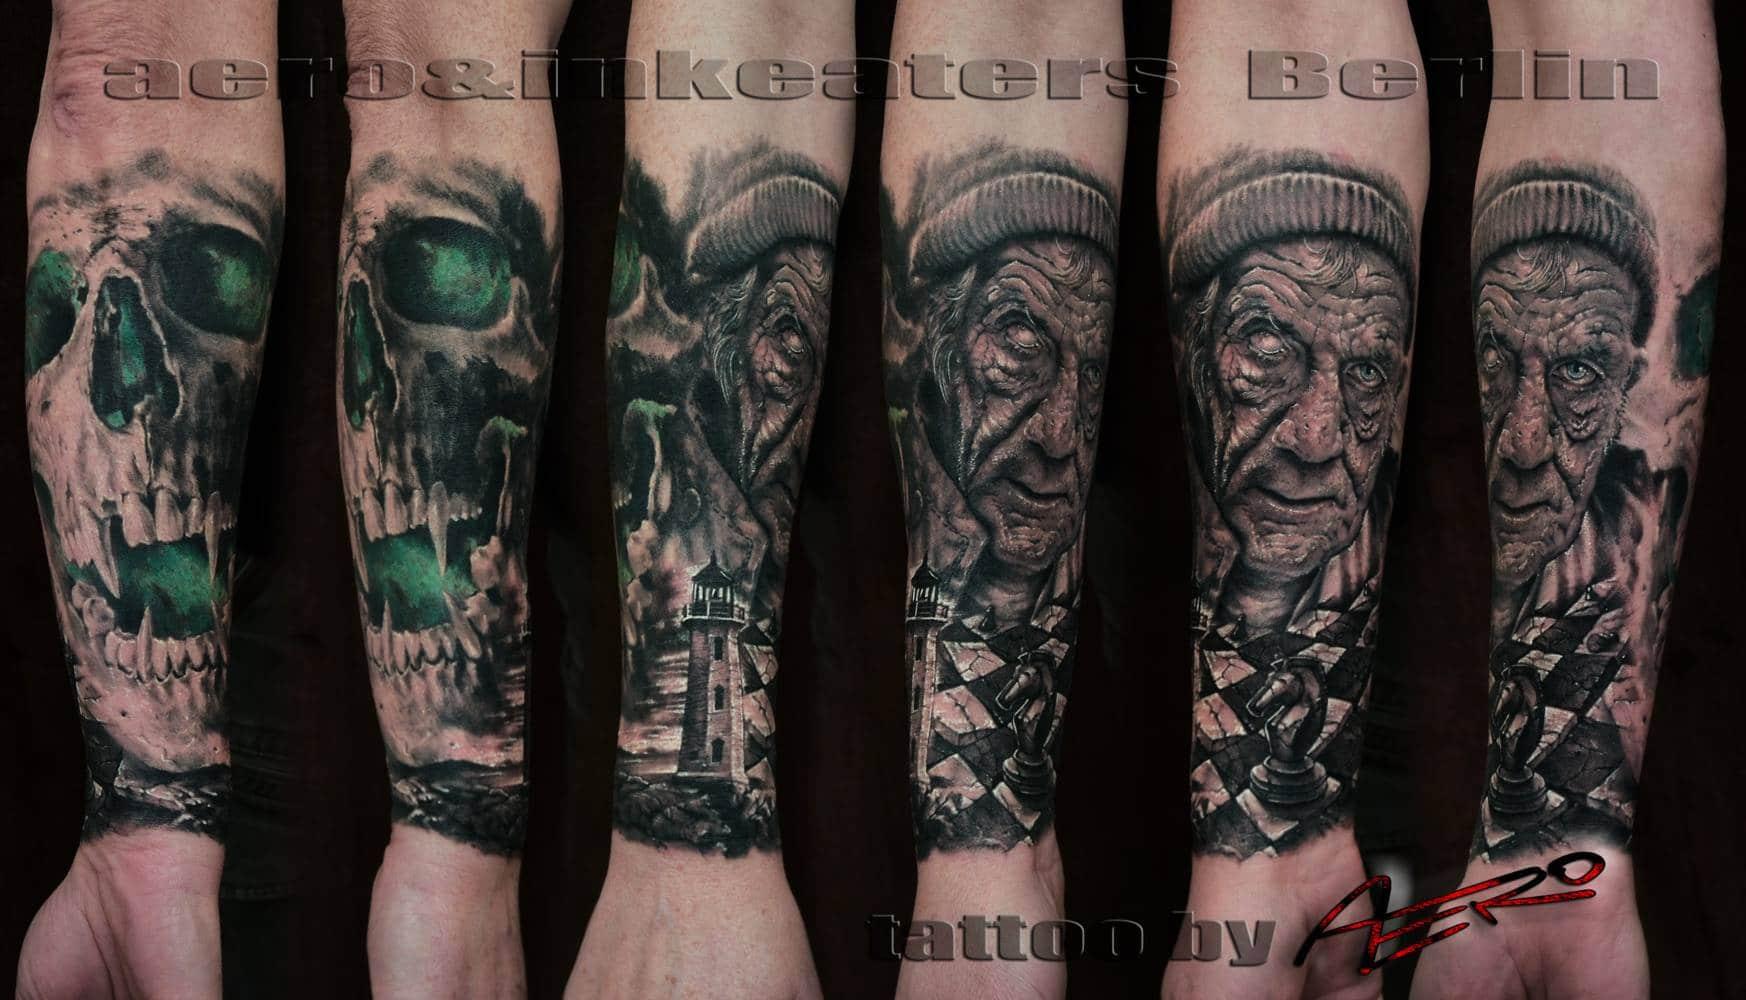 Tattoo über den ganzen Unterarm, mit einem Totenkopf, einem Leuchtturm, einem Schachbrett und einer älteren Person.